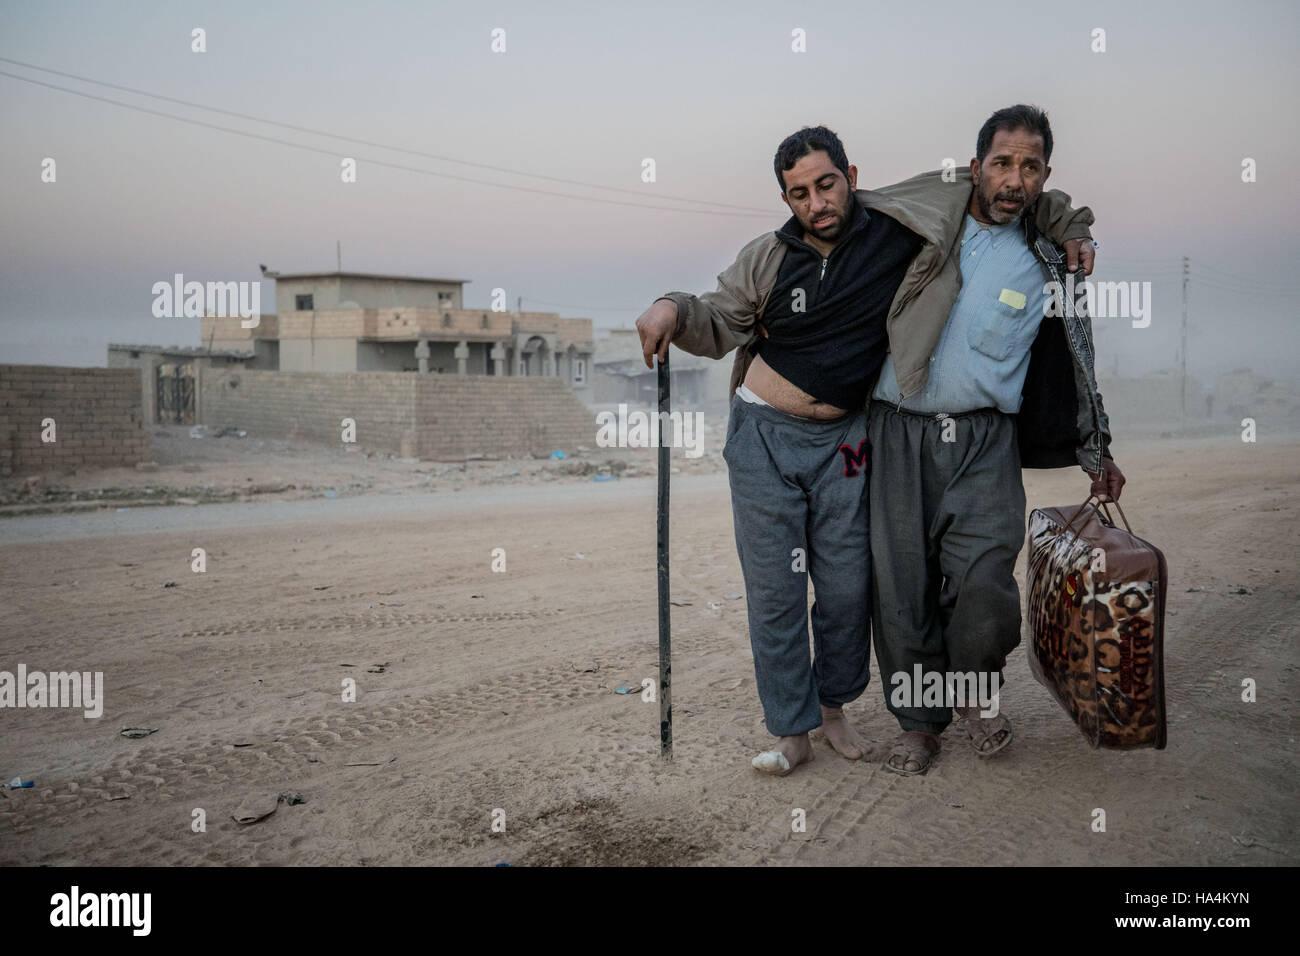 Mossoul, Ninive, Province de l'Irak. 26 Nov, 2016. Un homme aide son ami blessé le rendre à l'hôpital Photo Stock